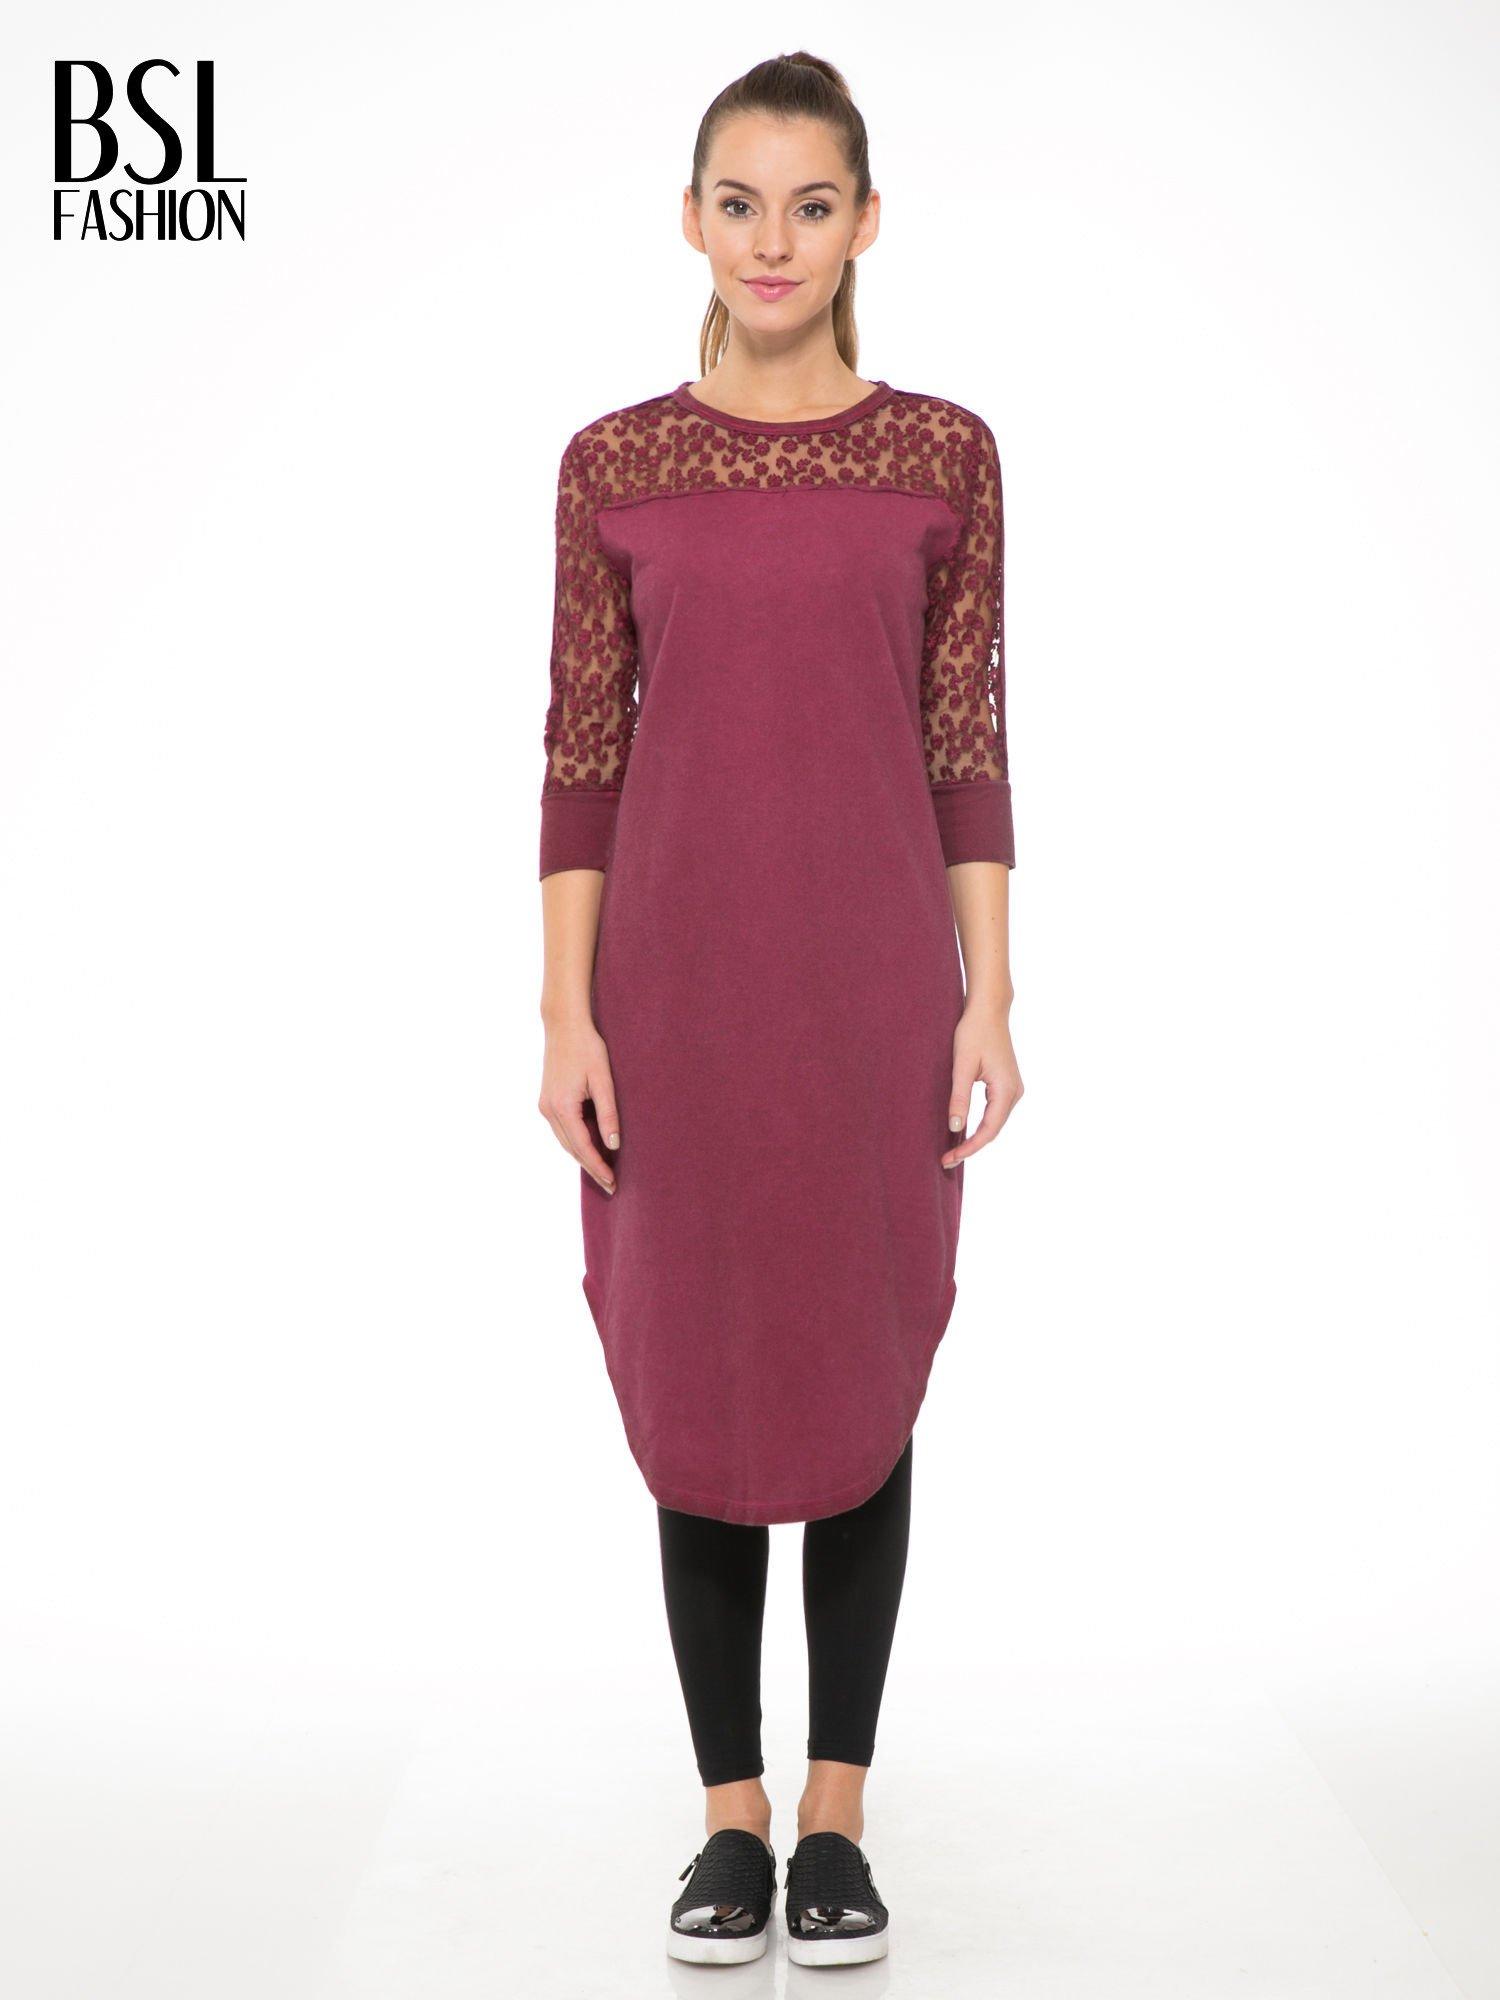 Bordowa dresowa sukienka z koronkowym karczkiem                                  zdj.                                  1